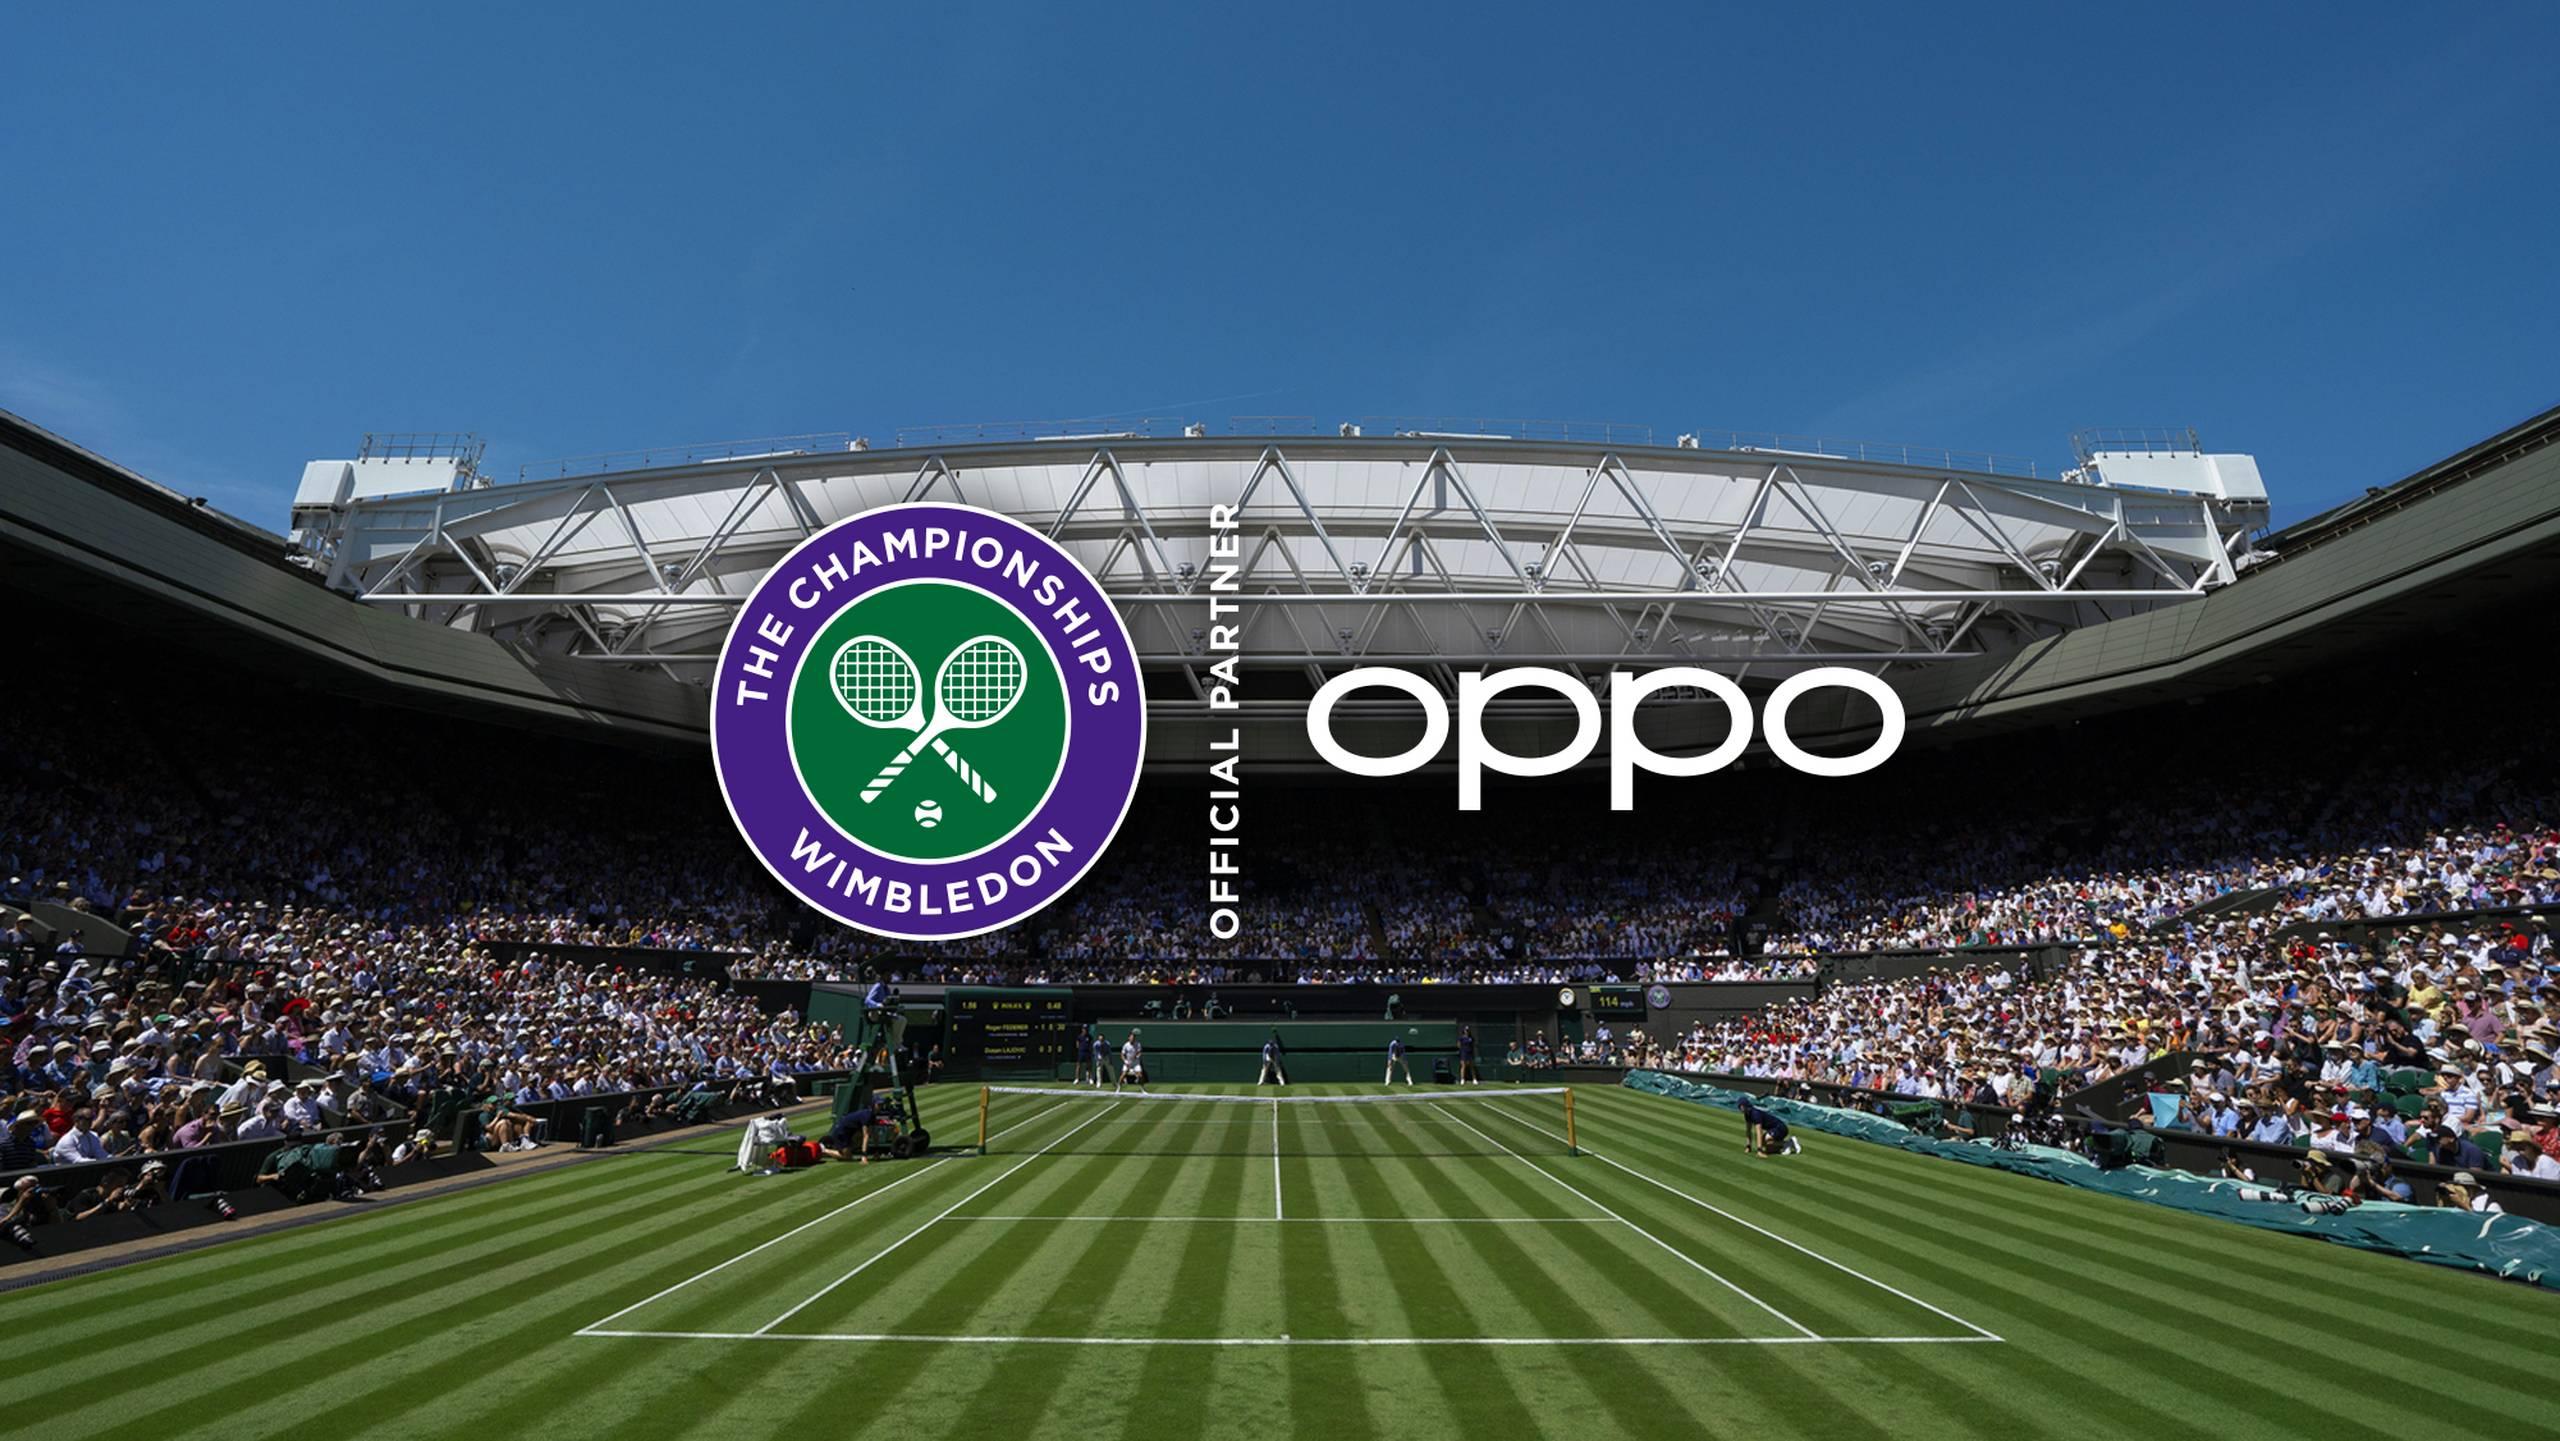 OPPO devient partenaire officiel des championnats Wimbledon